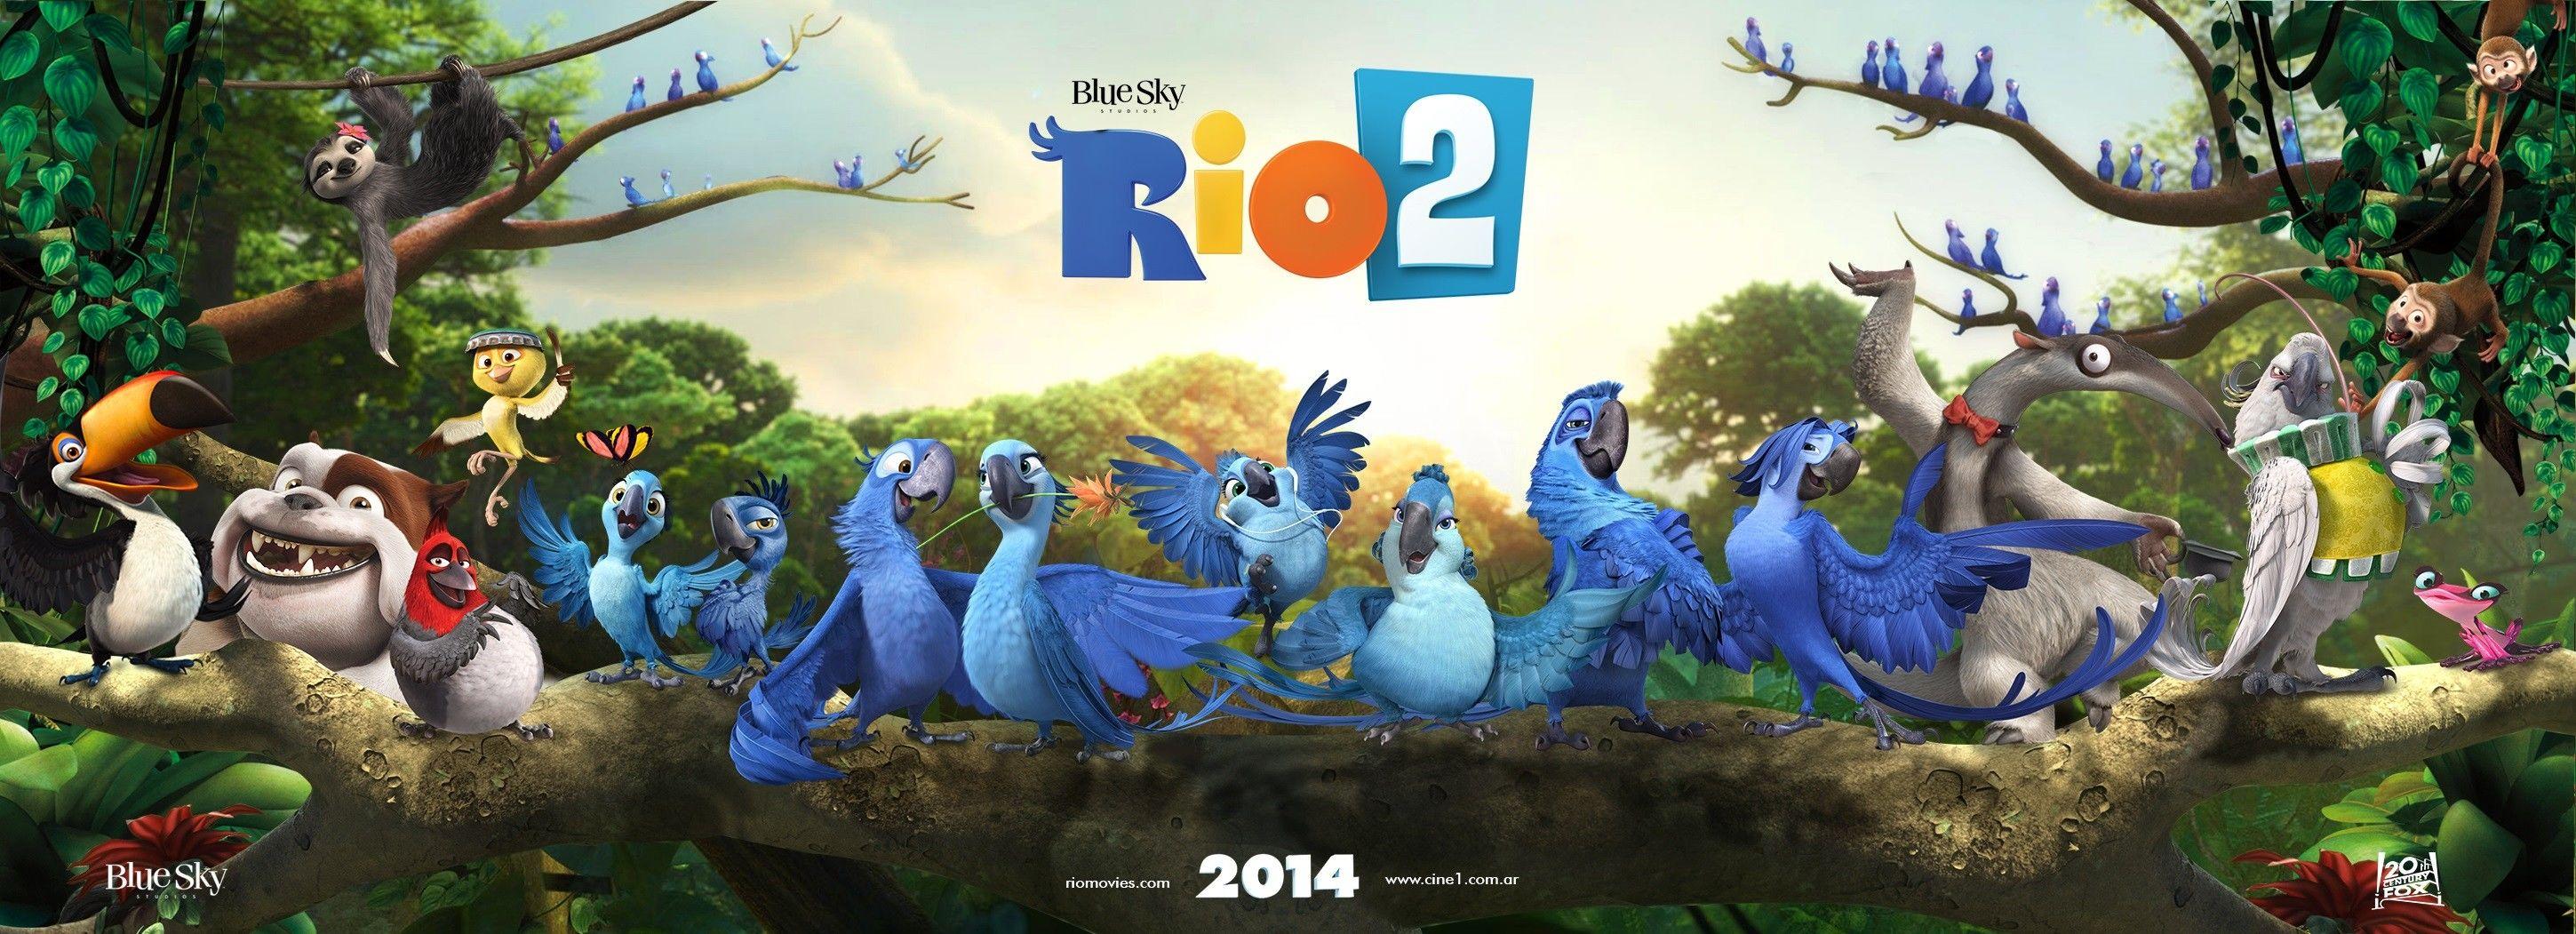 Рио 2 смотреть онлайн в отличном качестве 10 фотография